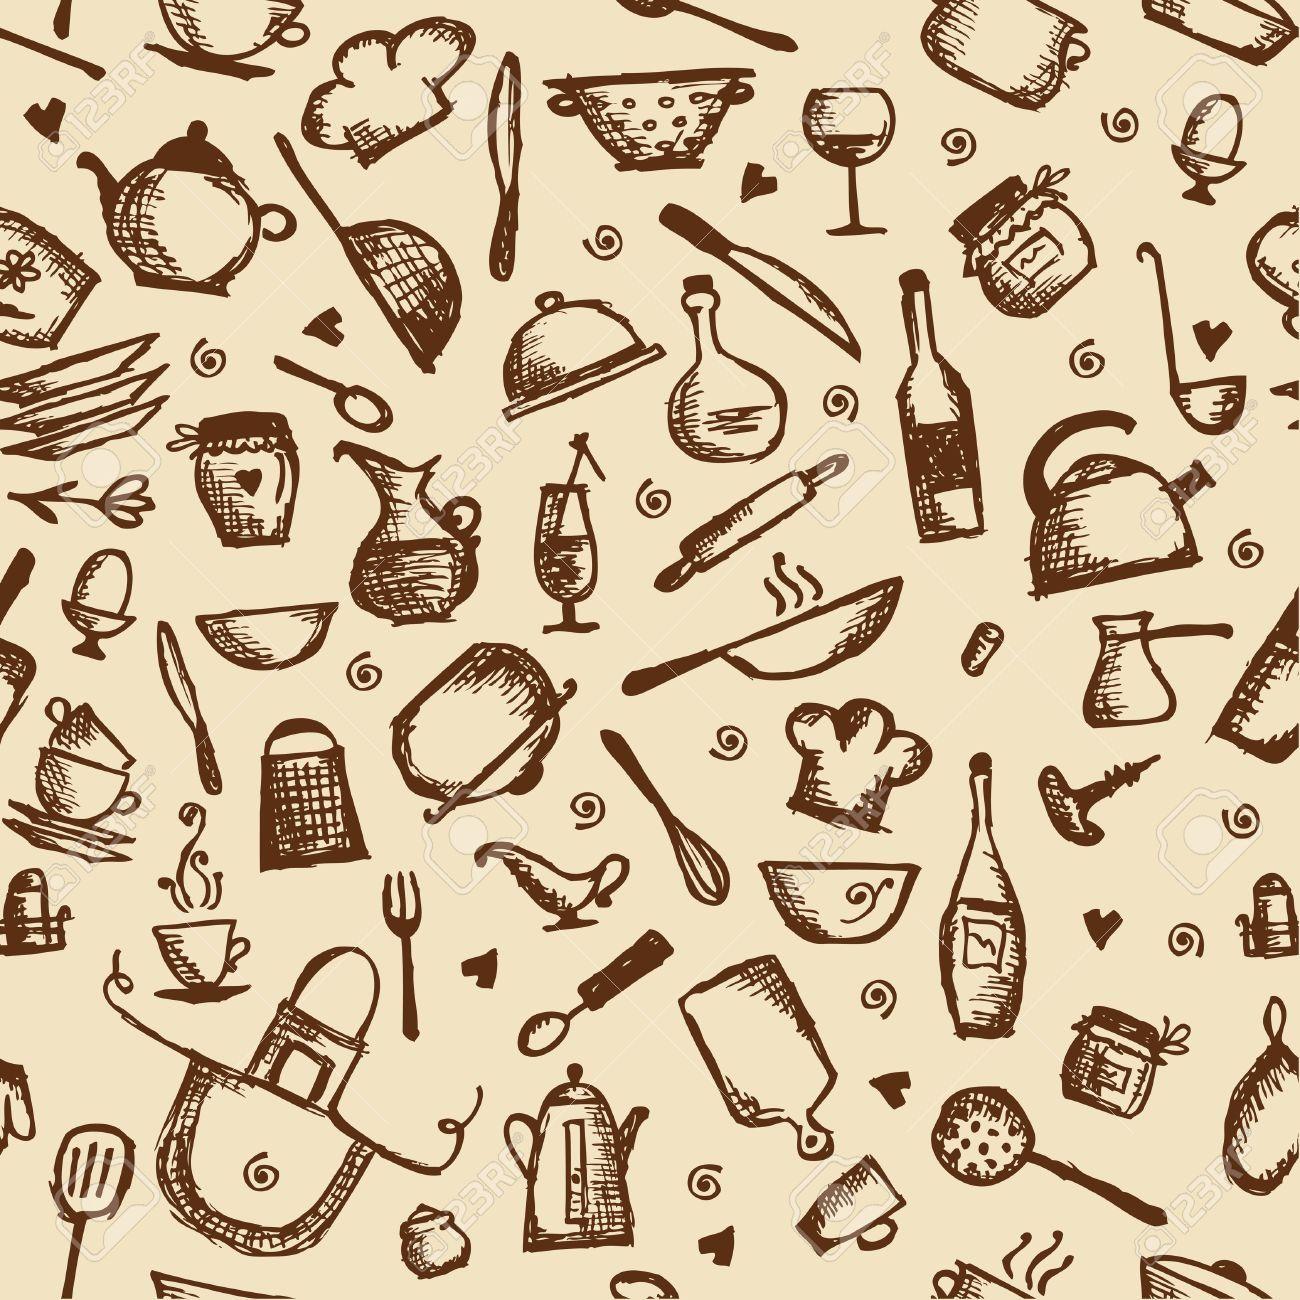 Fondo cocina vintage buscar con google cocina for Utensilios de cocina vintage